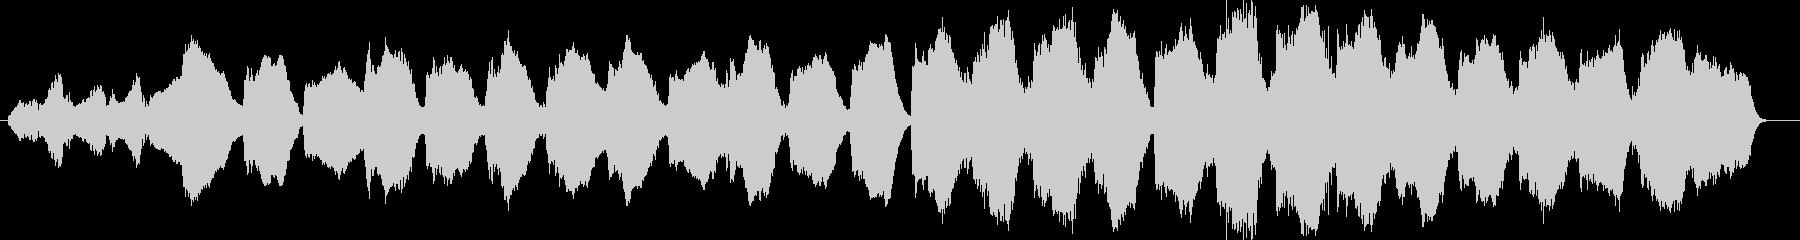 寂しげな管楽器やシンセなどのサウンドの未再生の波形